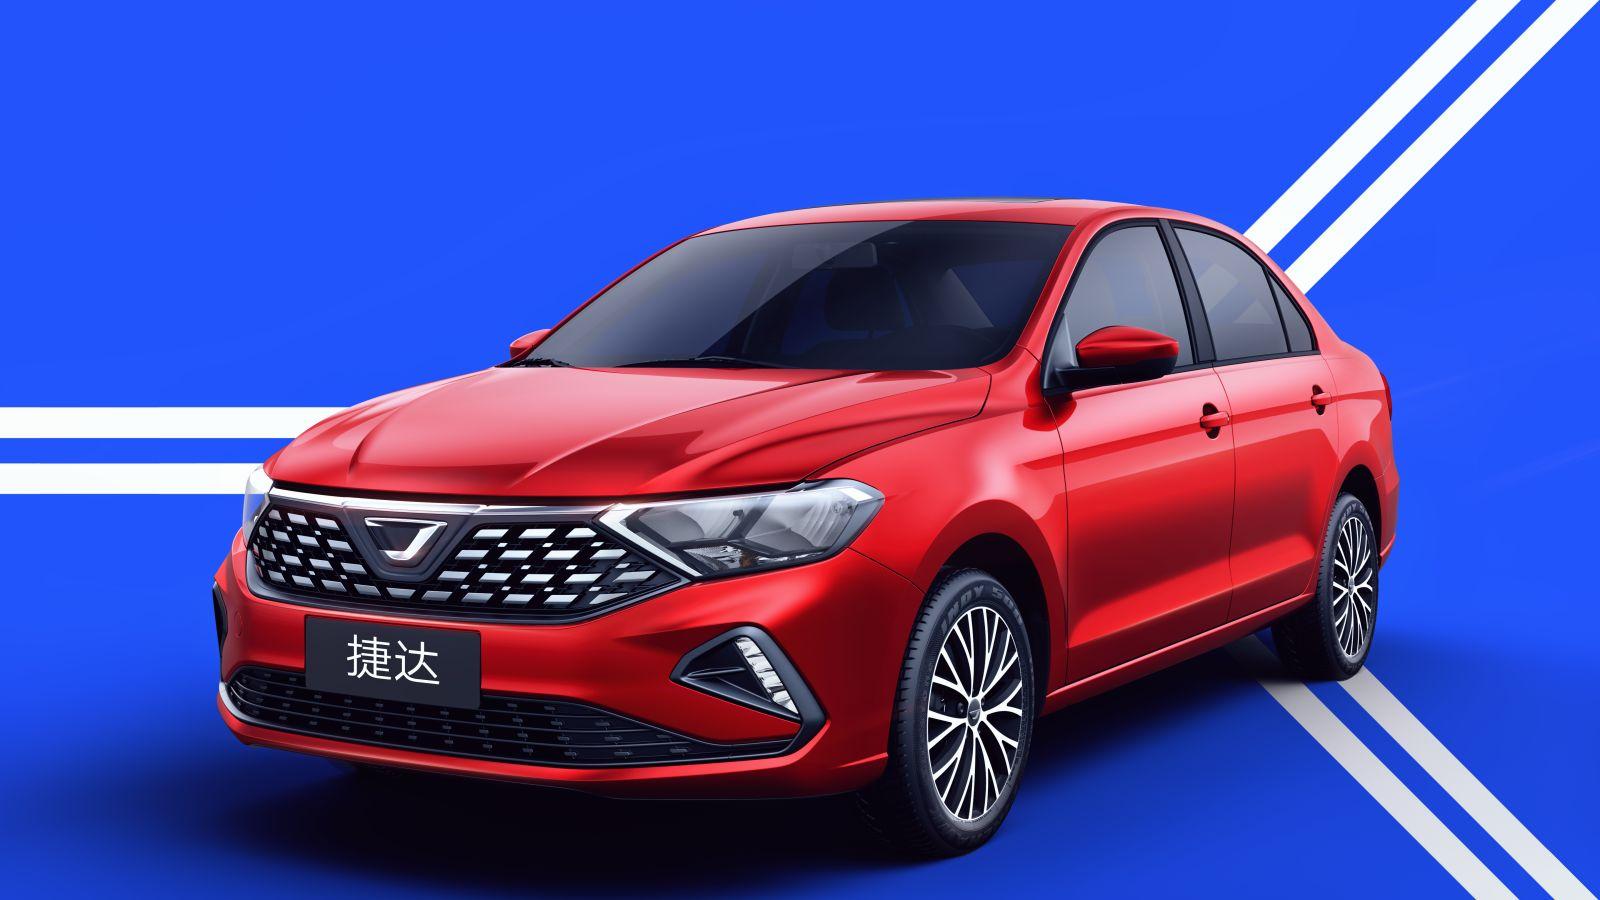 捷达品牌发布2款新车